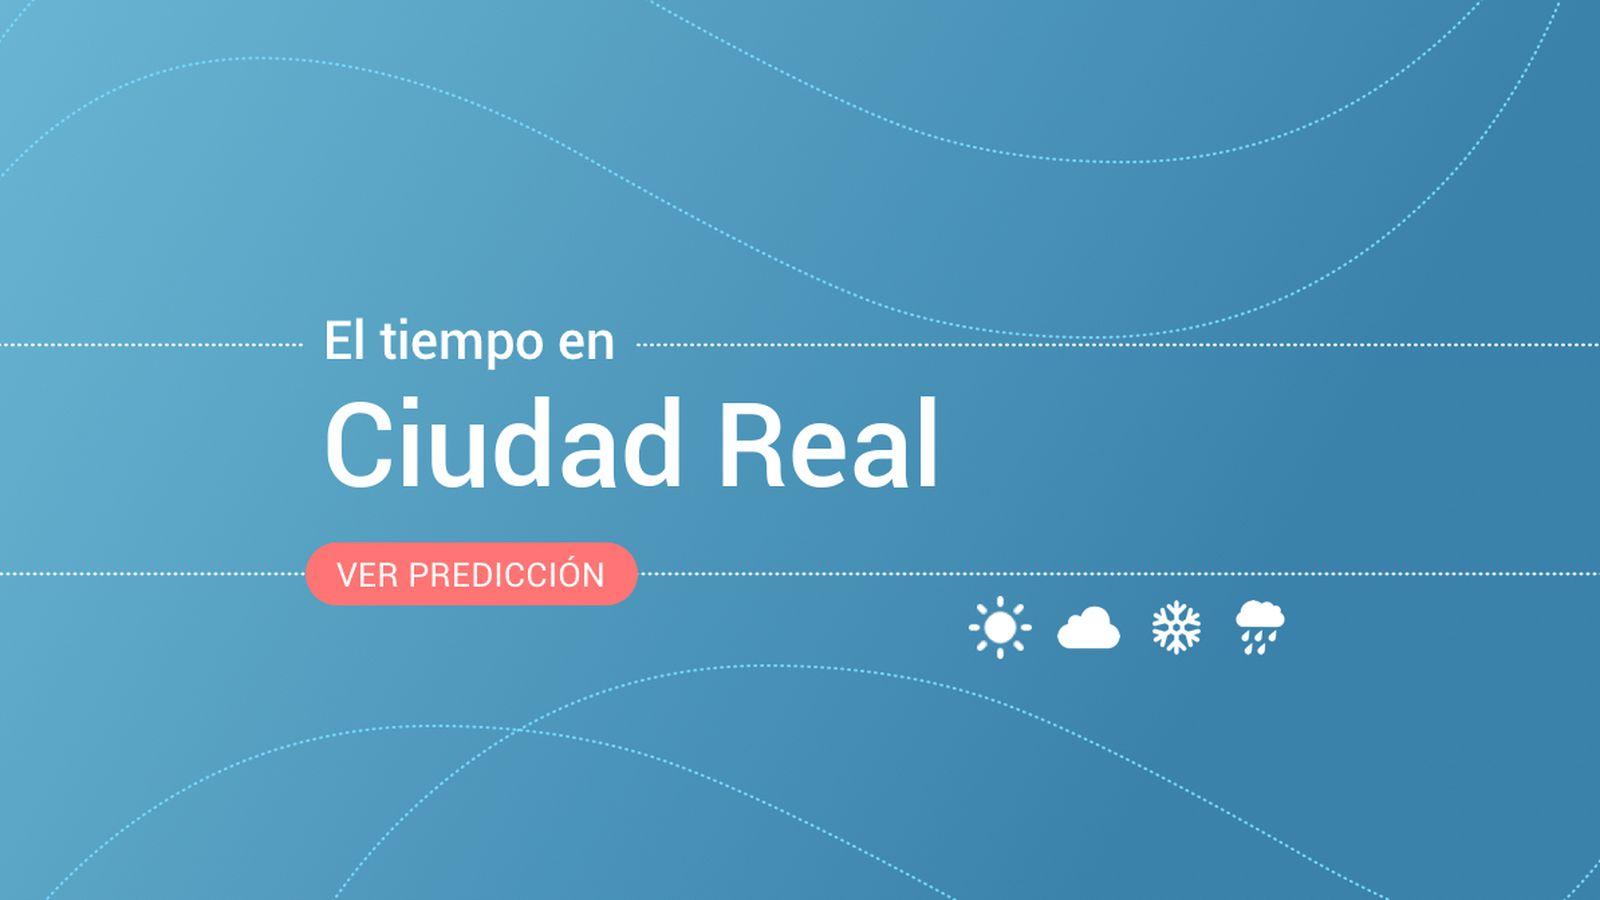 Foto: El tiempo en Ciudad Real. (EC)